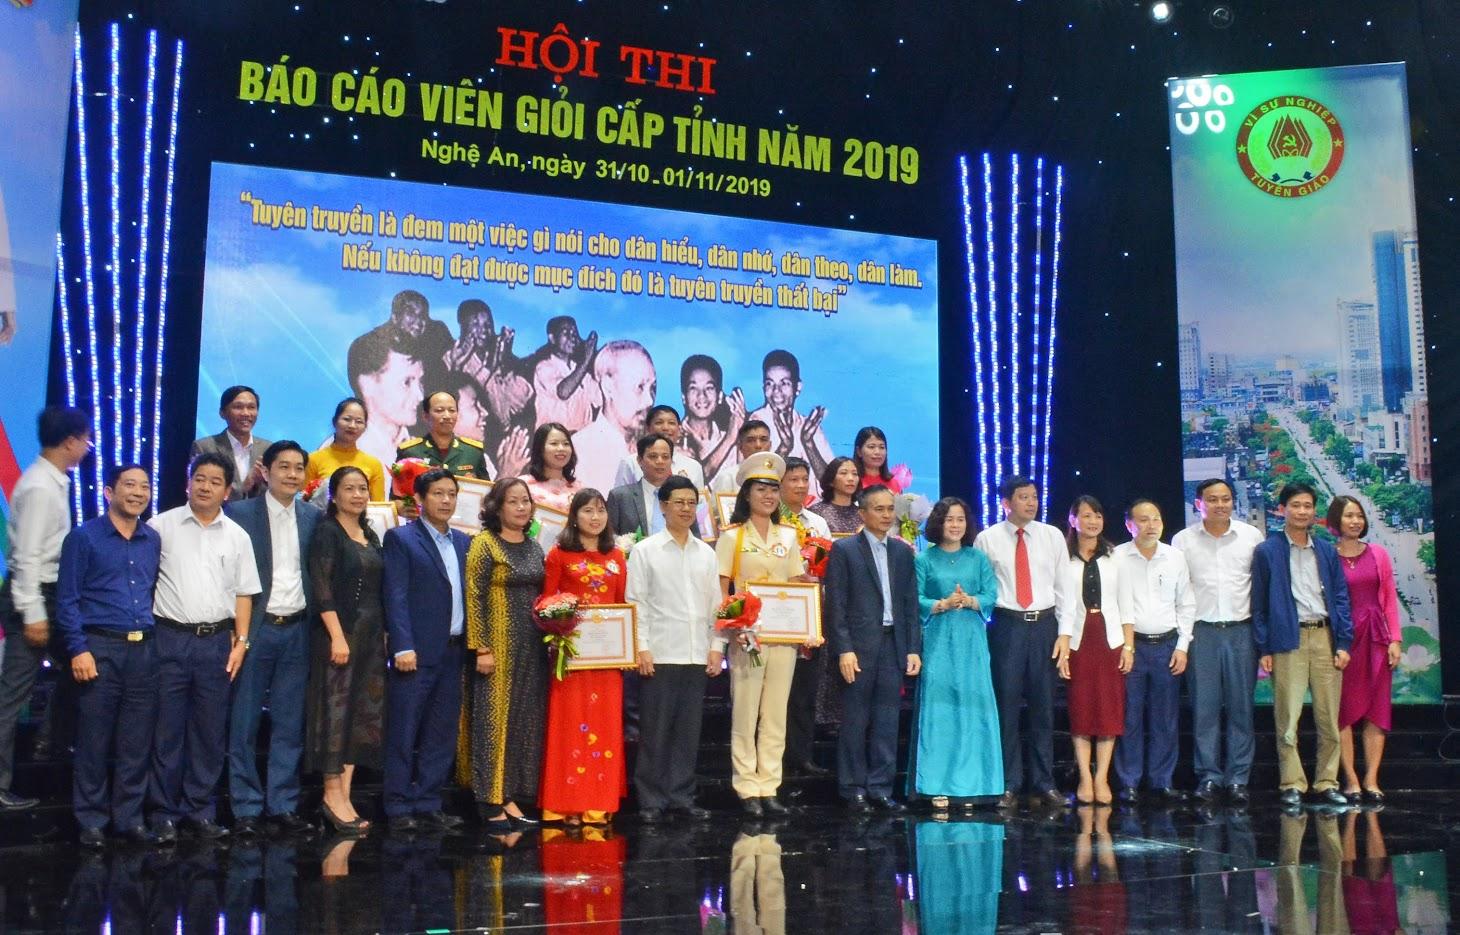 Lãnh đạo tỉnh và Ban Tổ chức chụp ảnh lưu niệm với các thí sinh